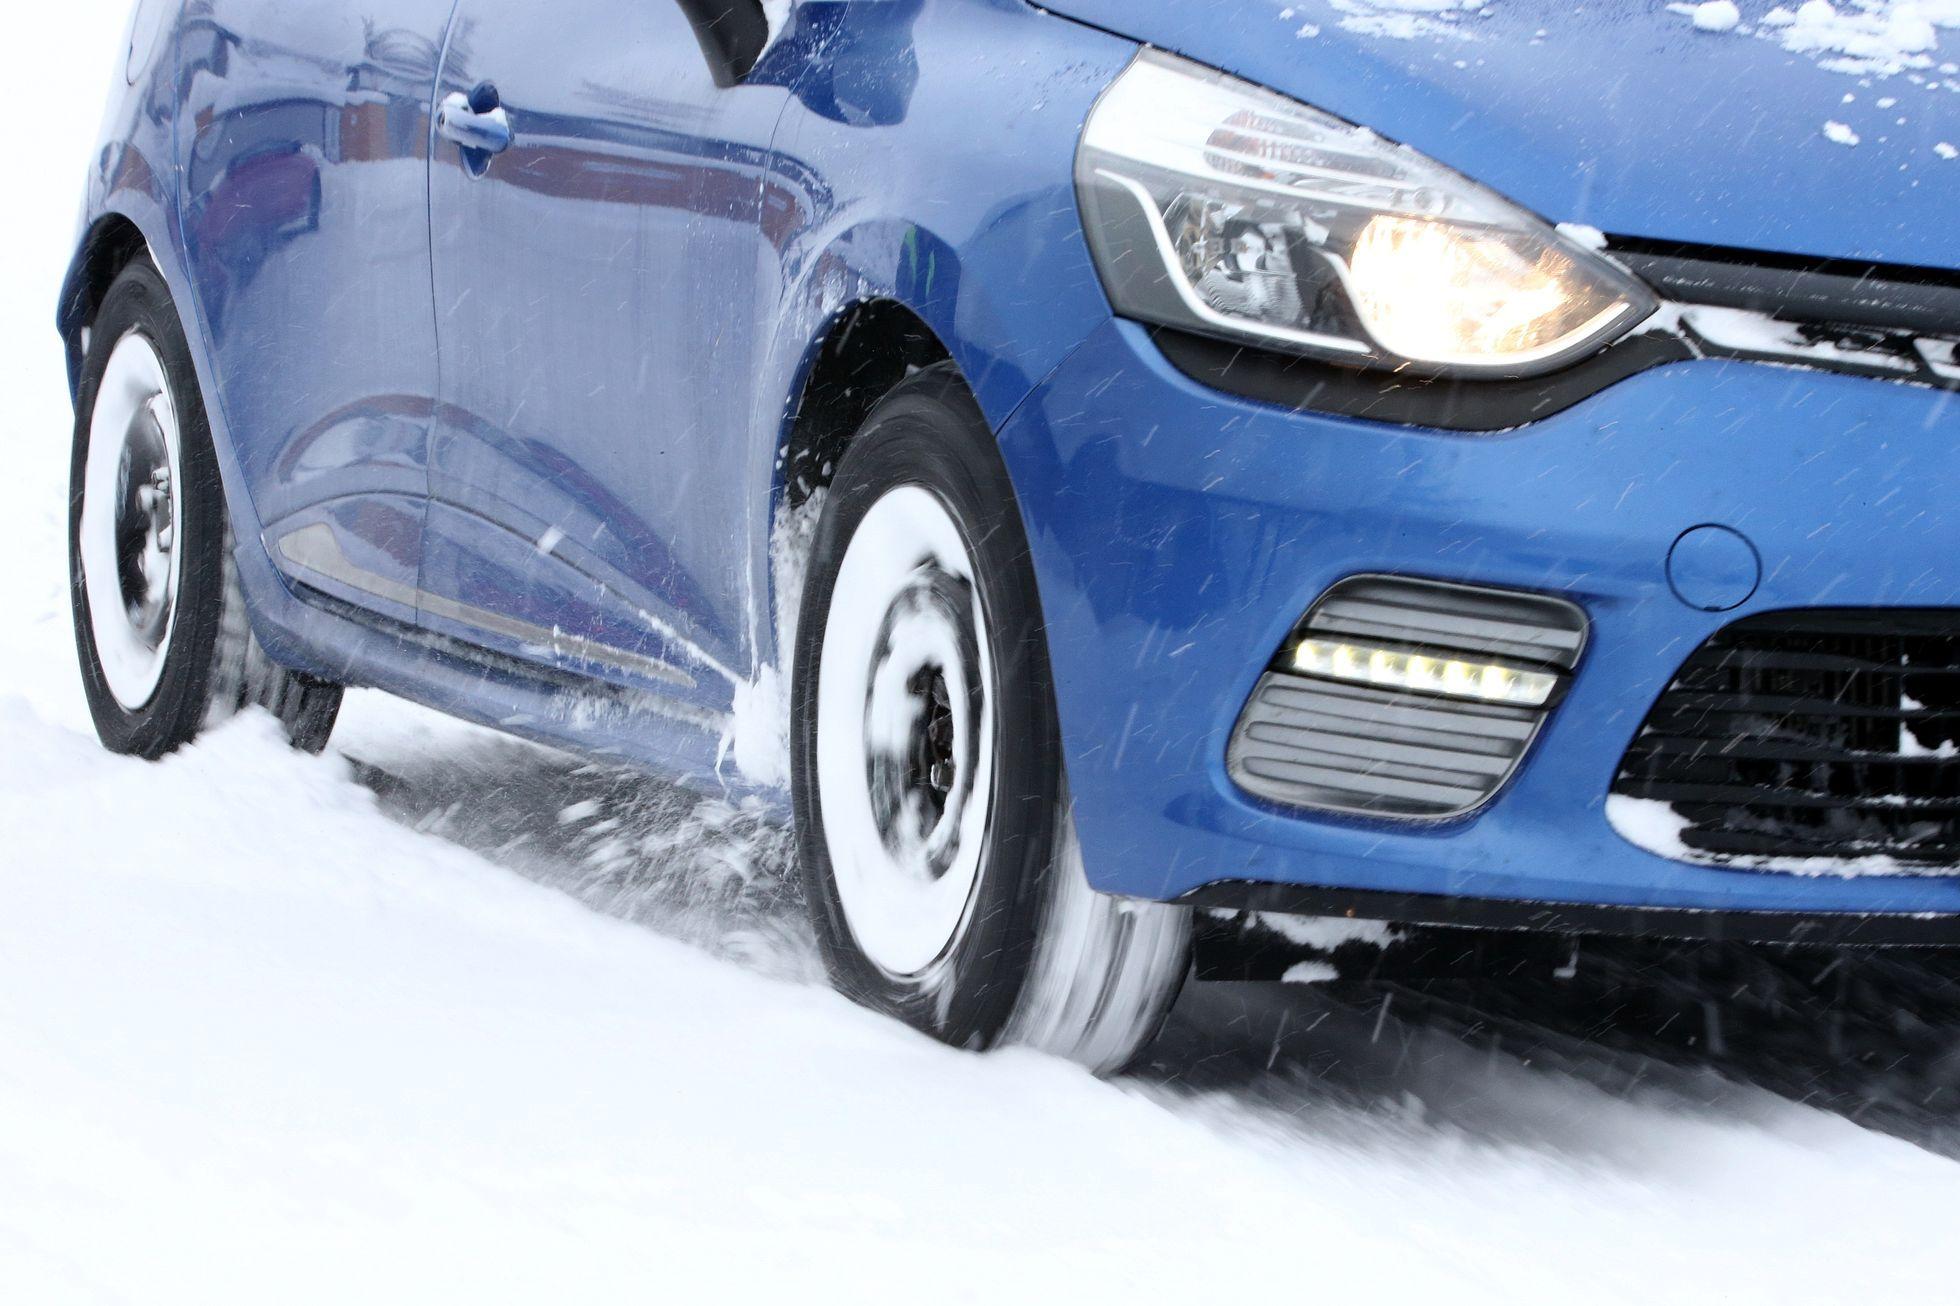 Češi nejvíce kupují z levných pneumatik barumky a z dražších continentaly a  nokiany - Aktuálně.cz 245b56ea2f